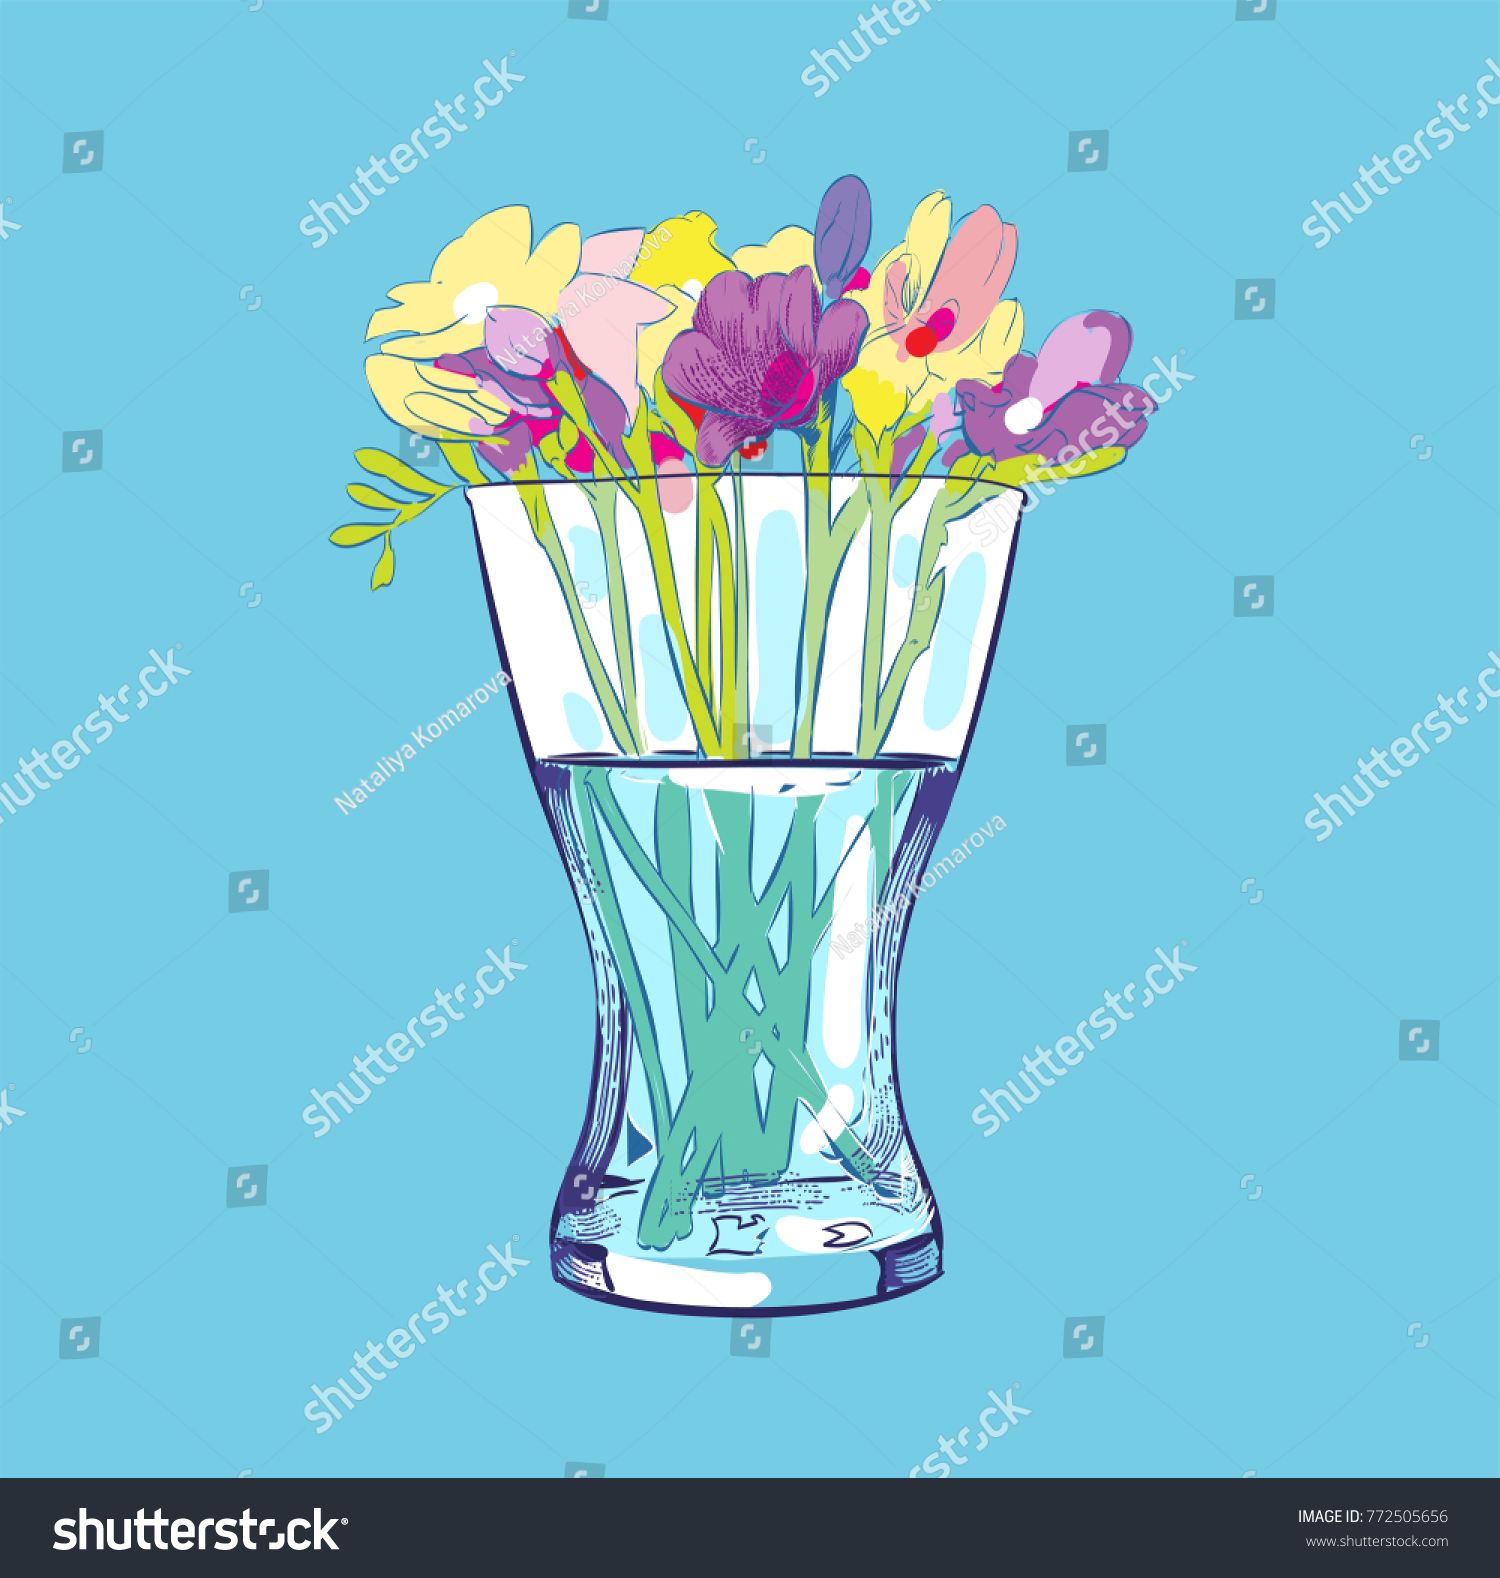 Flower vase vase flowers flat style stock vector 772505656 flower vase vase of flowers flat style vector illustration reviewsmspy